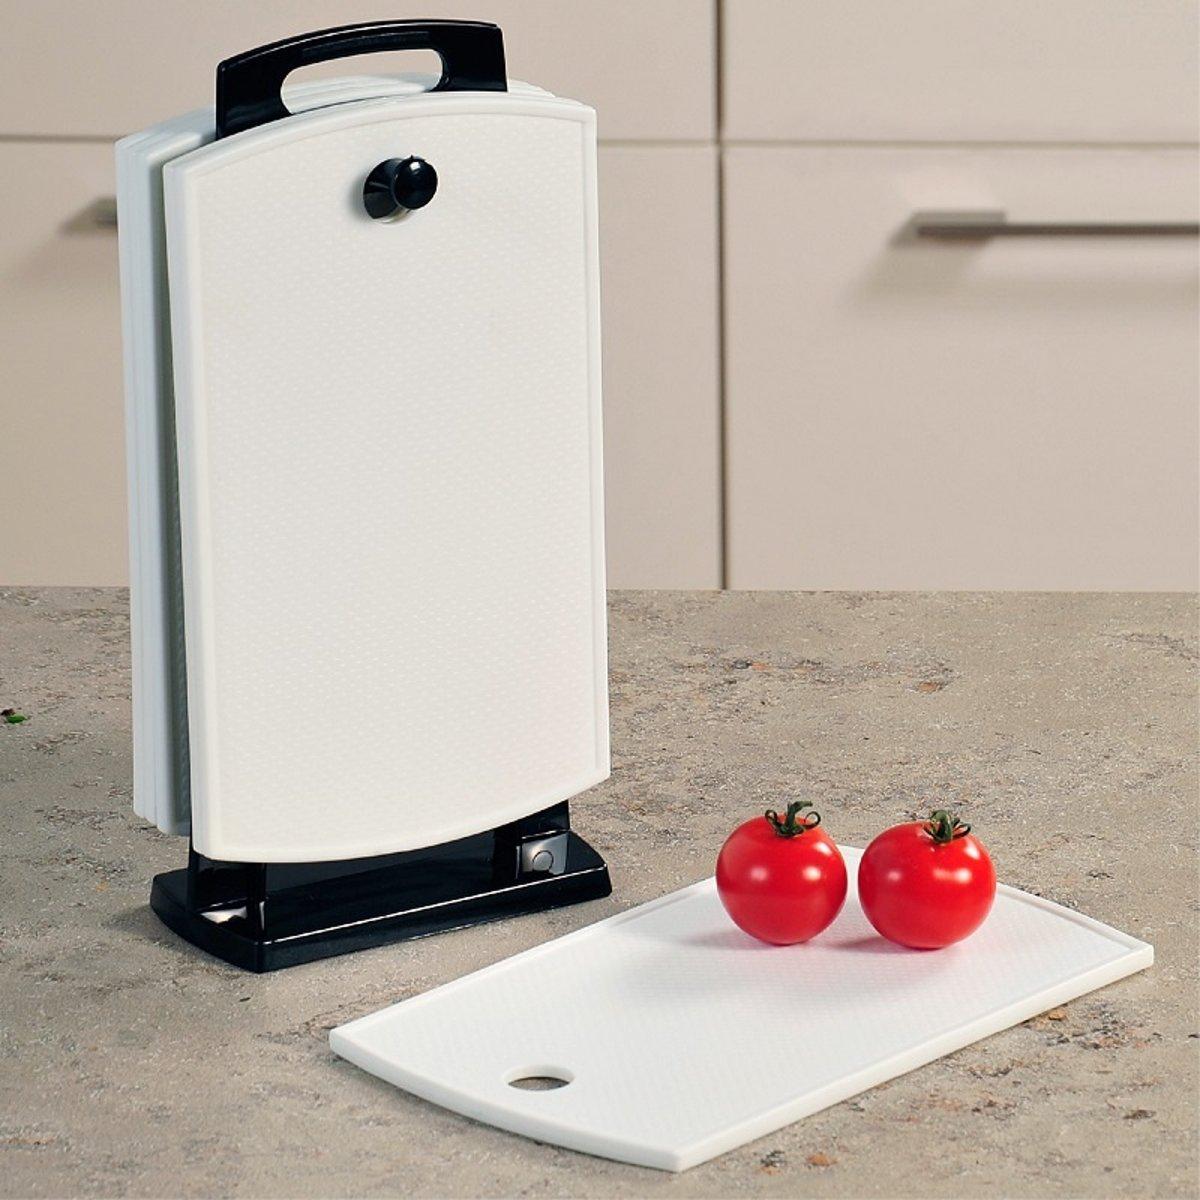 6-Delige Snijplanken / Ontbijtplanken Set op Houder | Bestaande uit: 6 STUKS Snijplanken / Ontbijtplanken en Handige Houder |  Snijplank | Keukenplank | Materiaal: Kunststof | Afm. 30 x 14,5 x 7,5 Cm. Kleur: WIT kopen